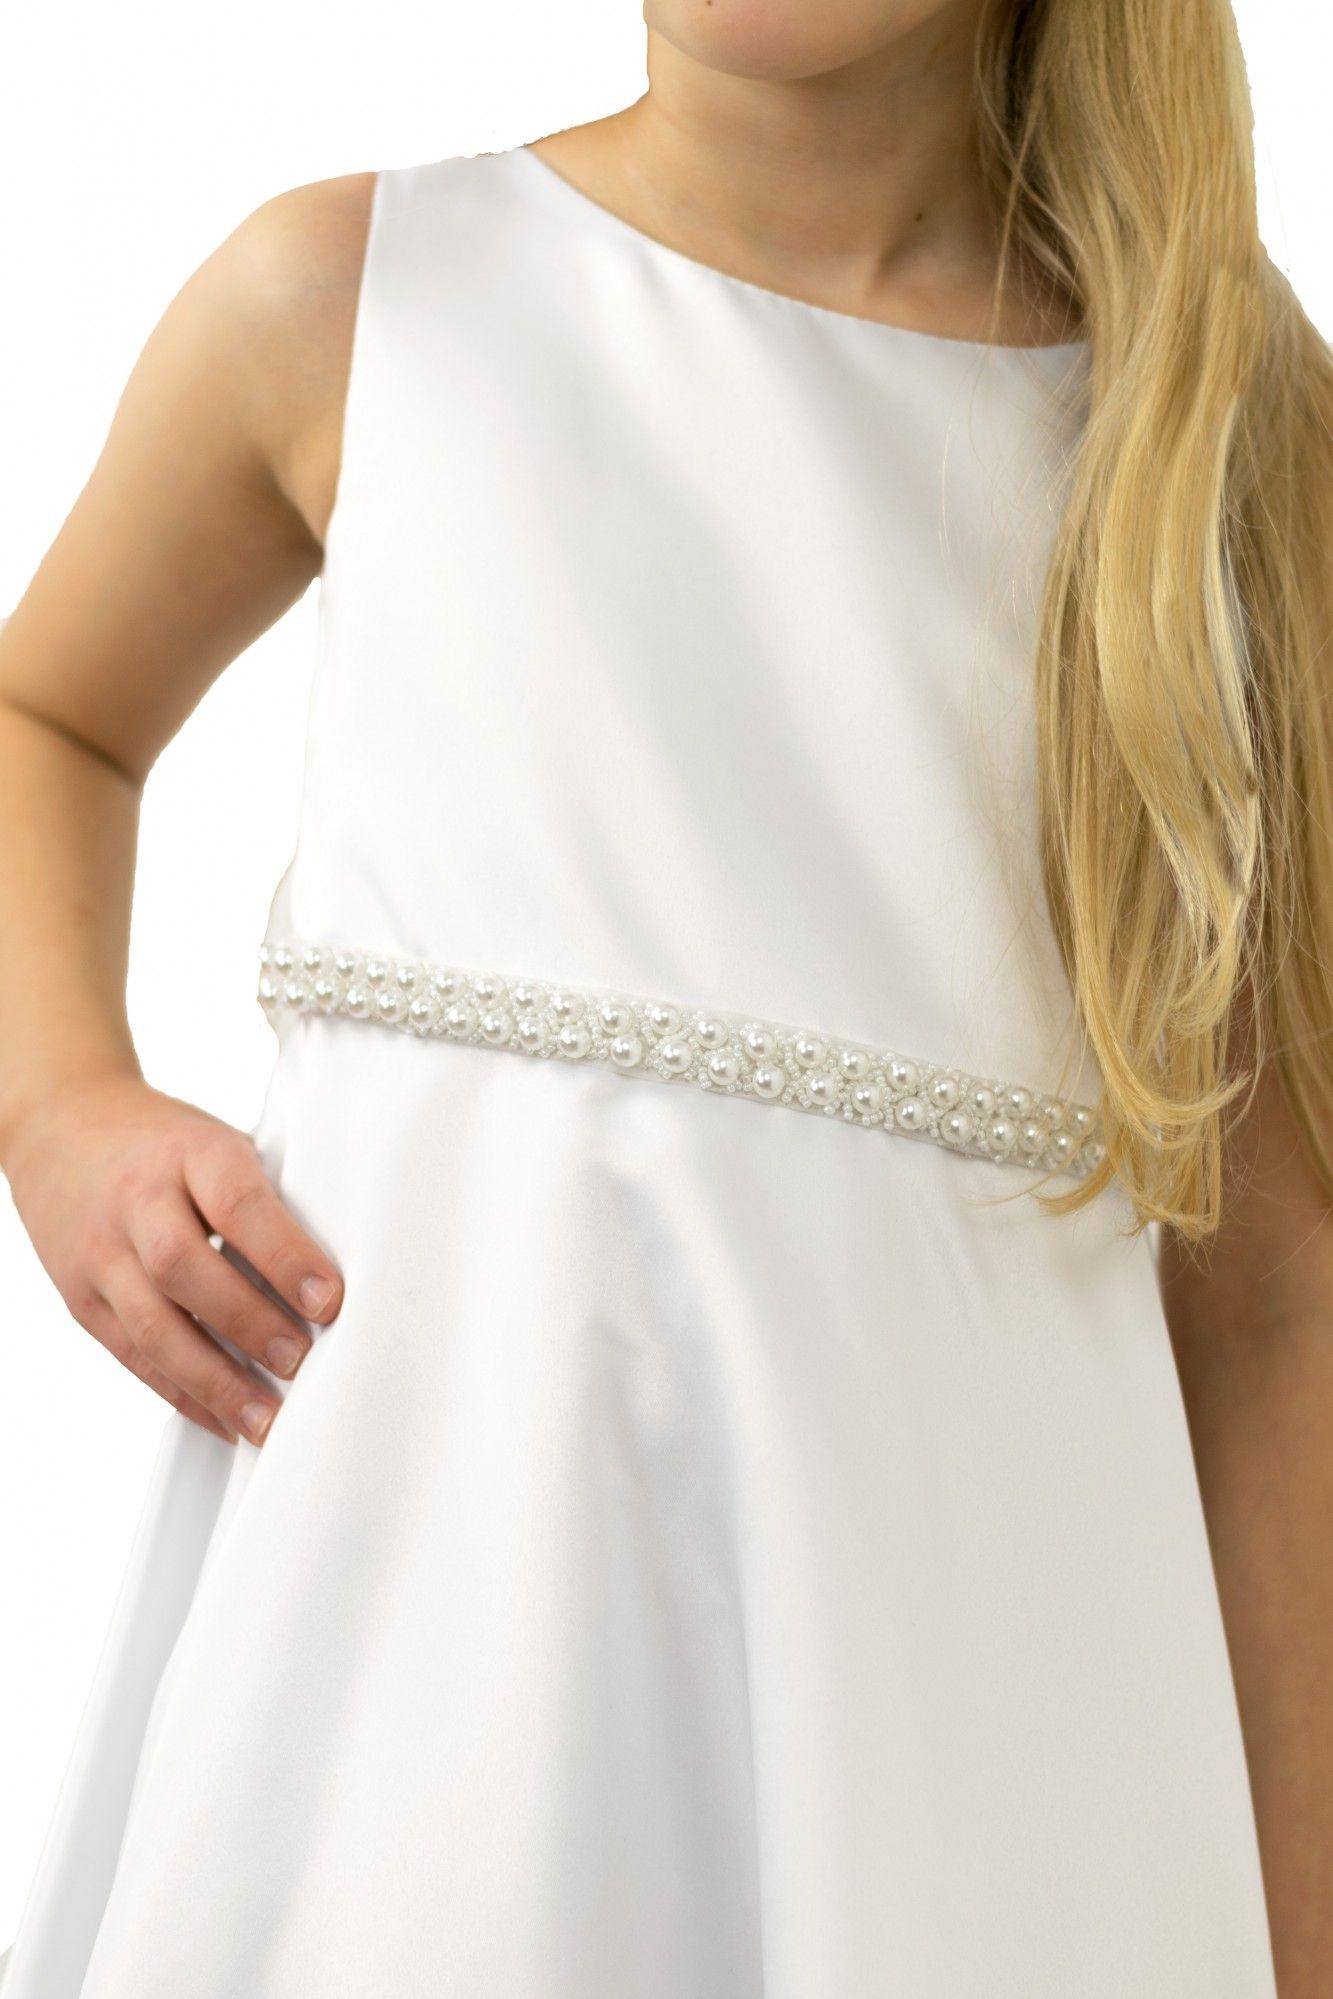 BIMARO Mädchen Kleid Anna Kommunionkleid Festkleid weiß lang ...